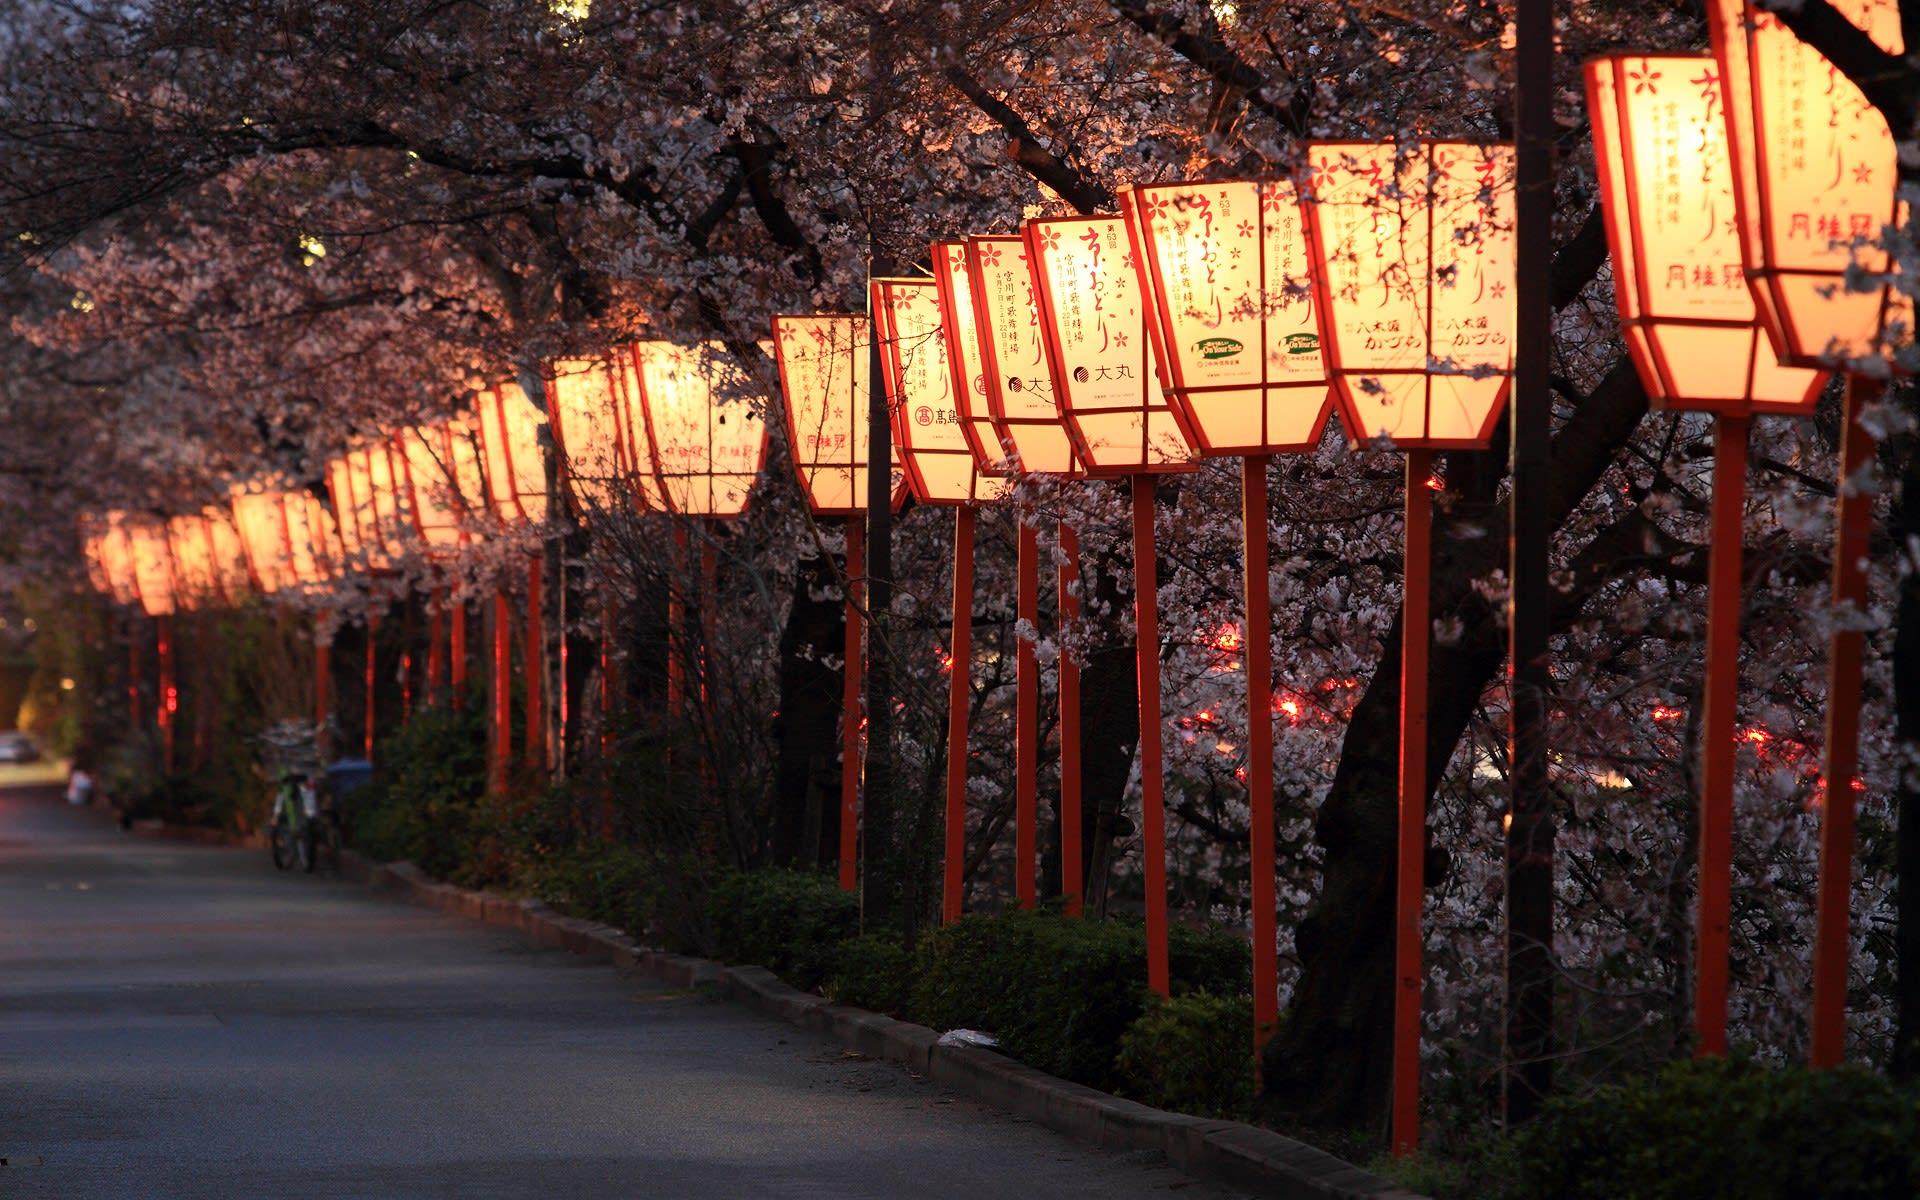 仕事終わりにそのまま京都へ。 祇園の駐車場に車を停めて移動。